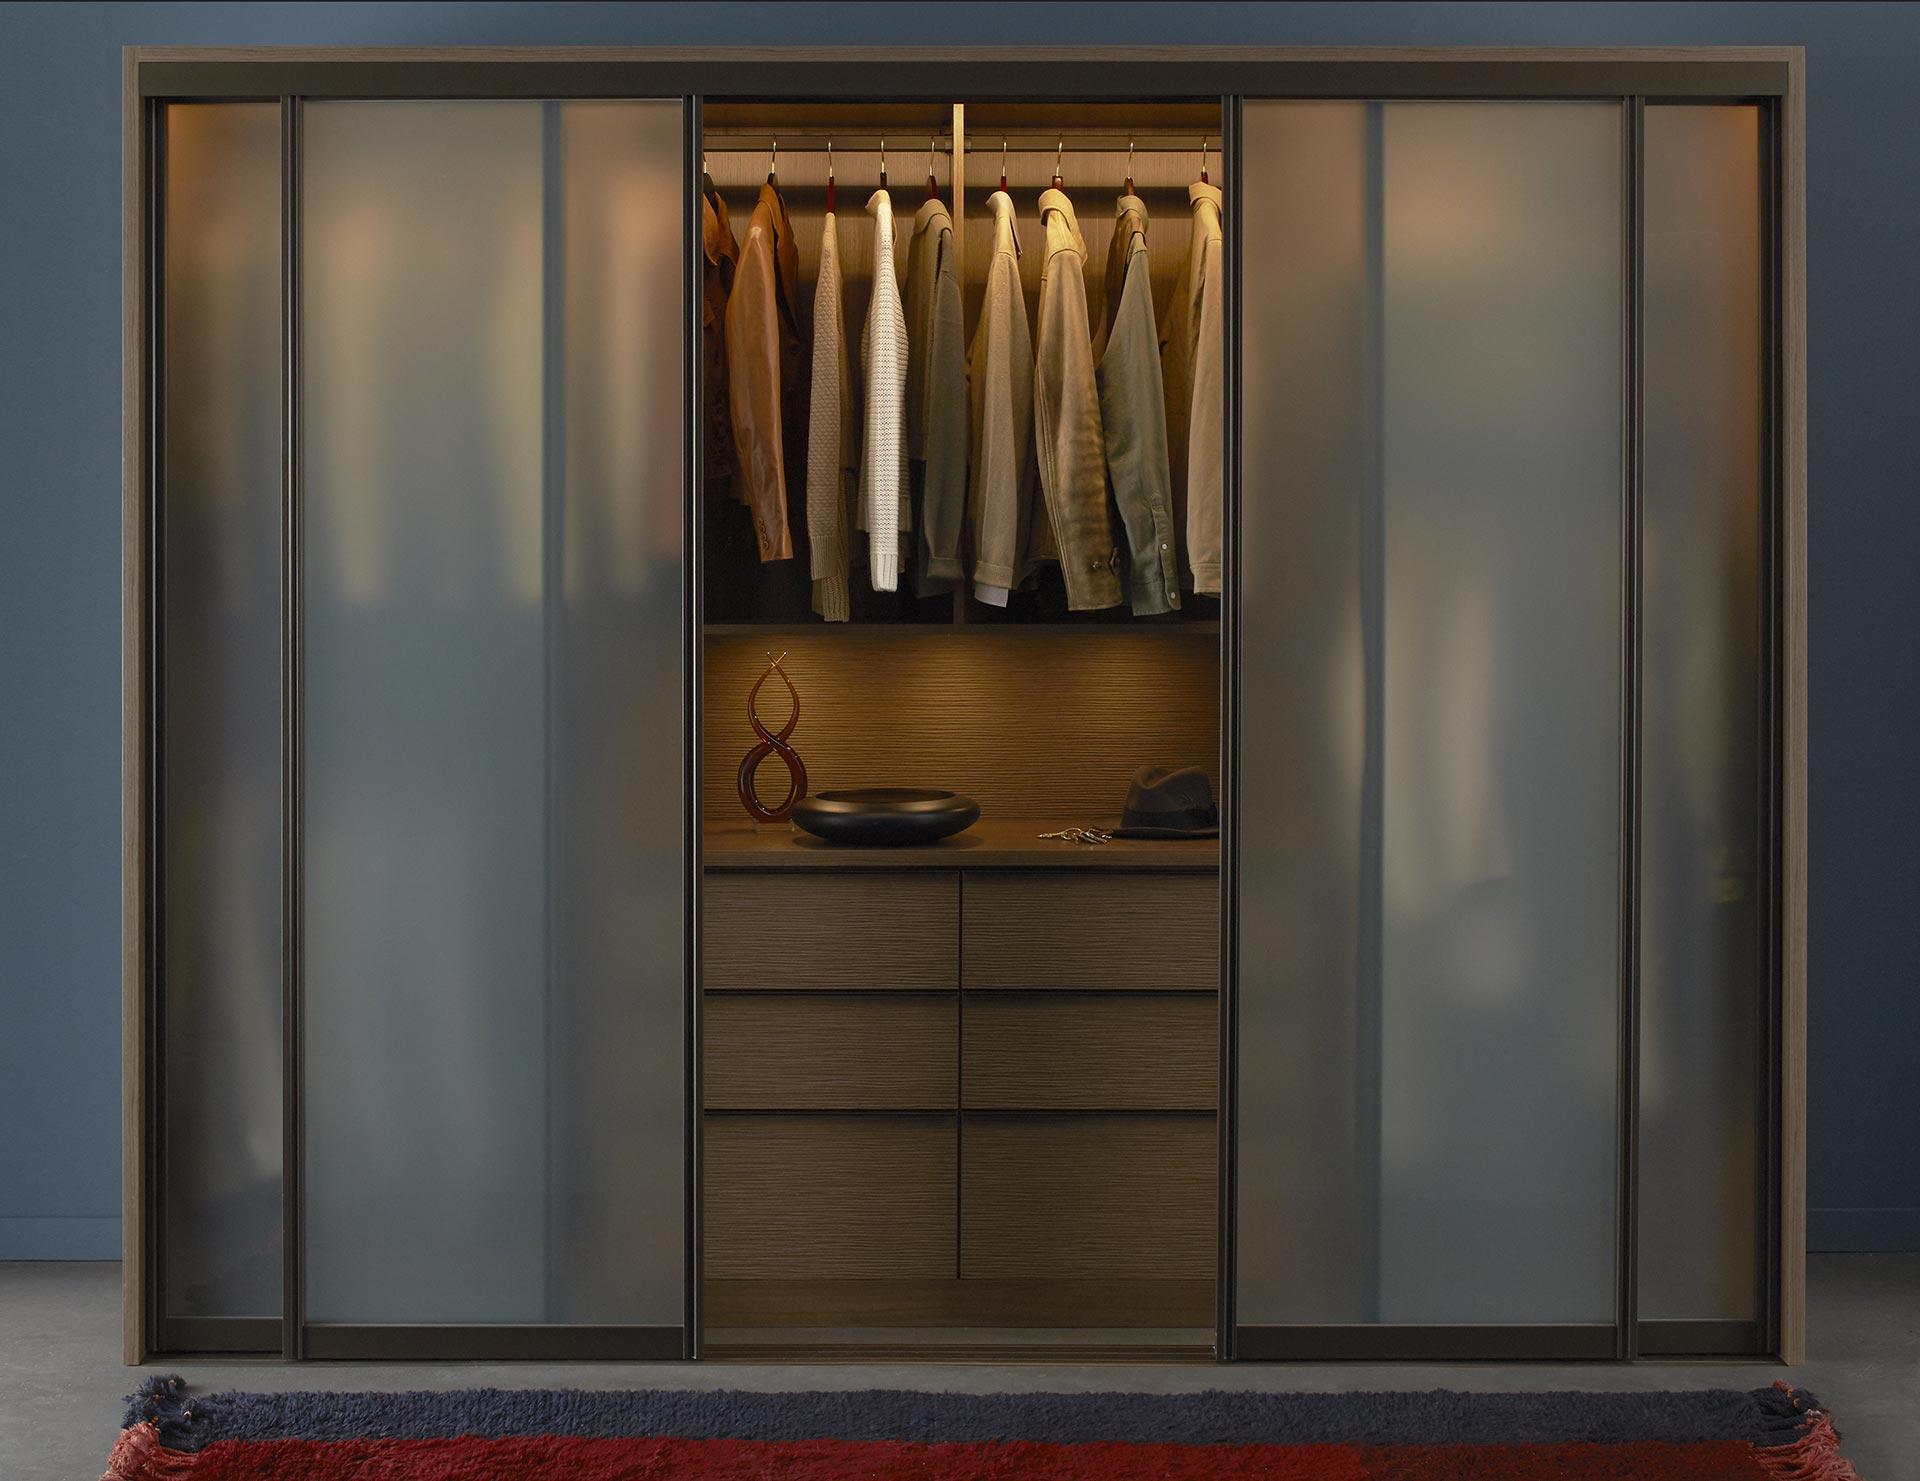 Wardrobe Closets | Custom Wardrobe Closet Systems for Your Bedroom